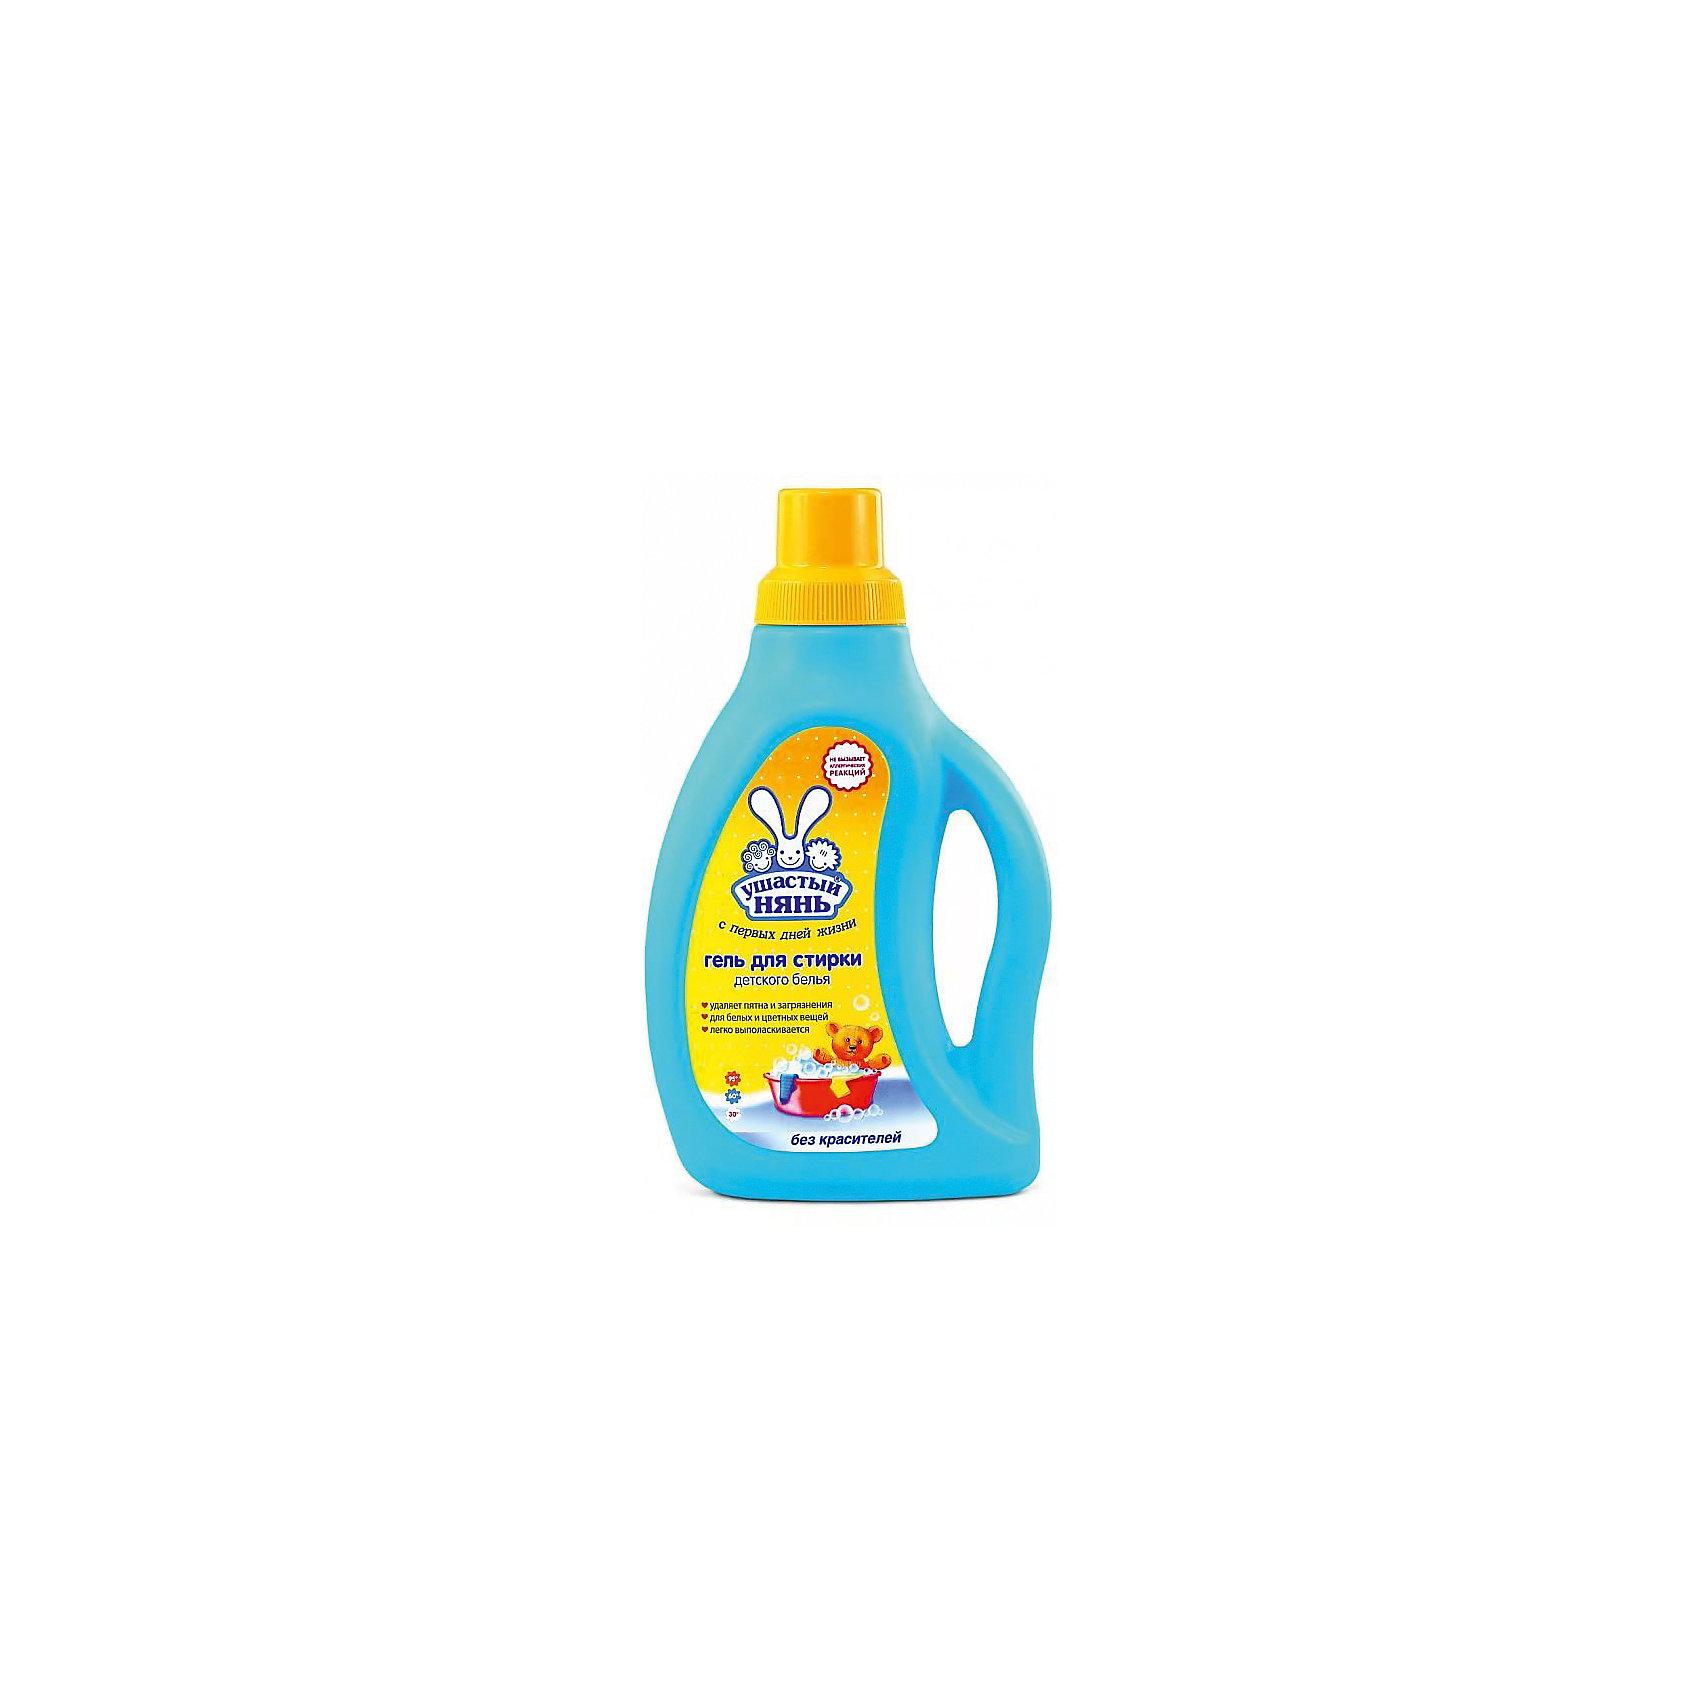 Жидкое синтетическое моющее средство для детского белья, Ушастый нянь, 750 мл.